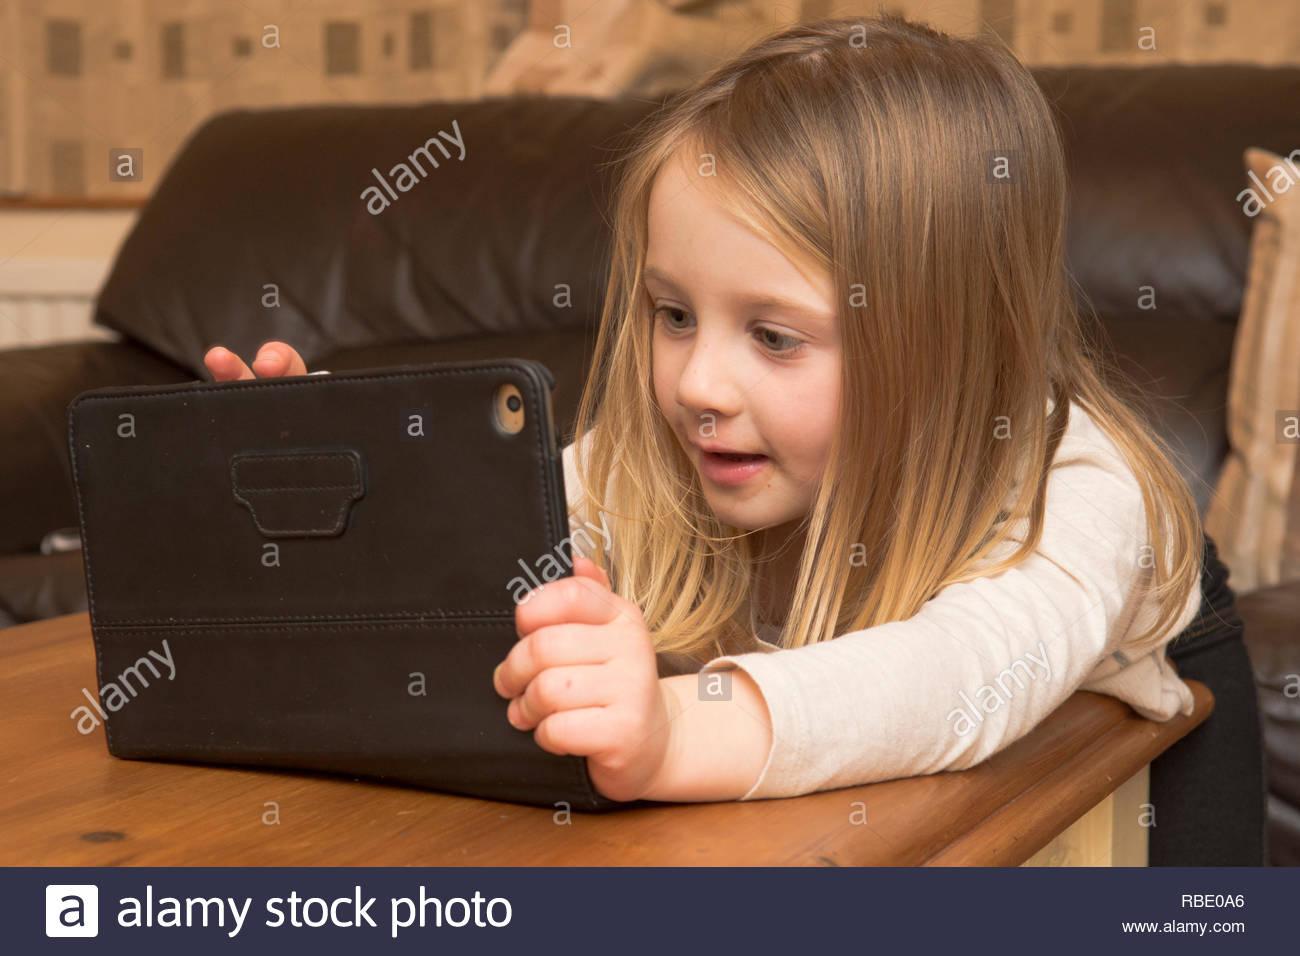 Jeune Fille Jouant Avec Un Appareil Numérique, Tablette intérieur Tablette Enfant Fille